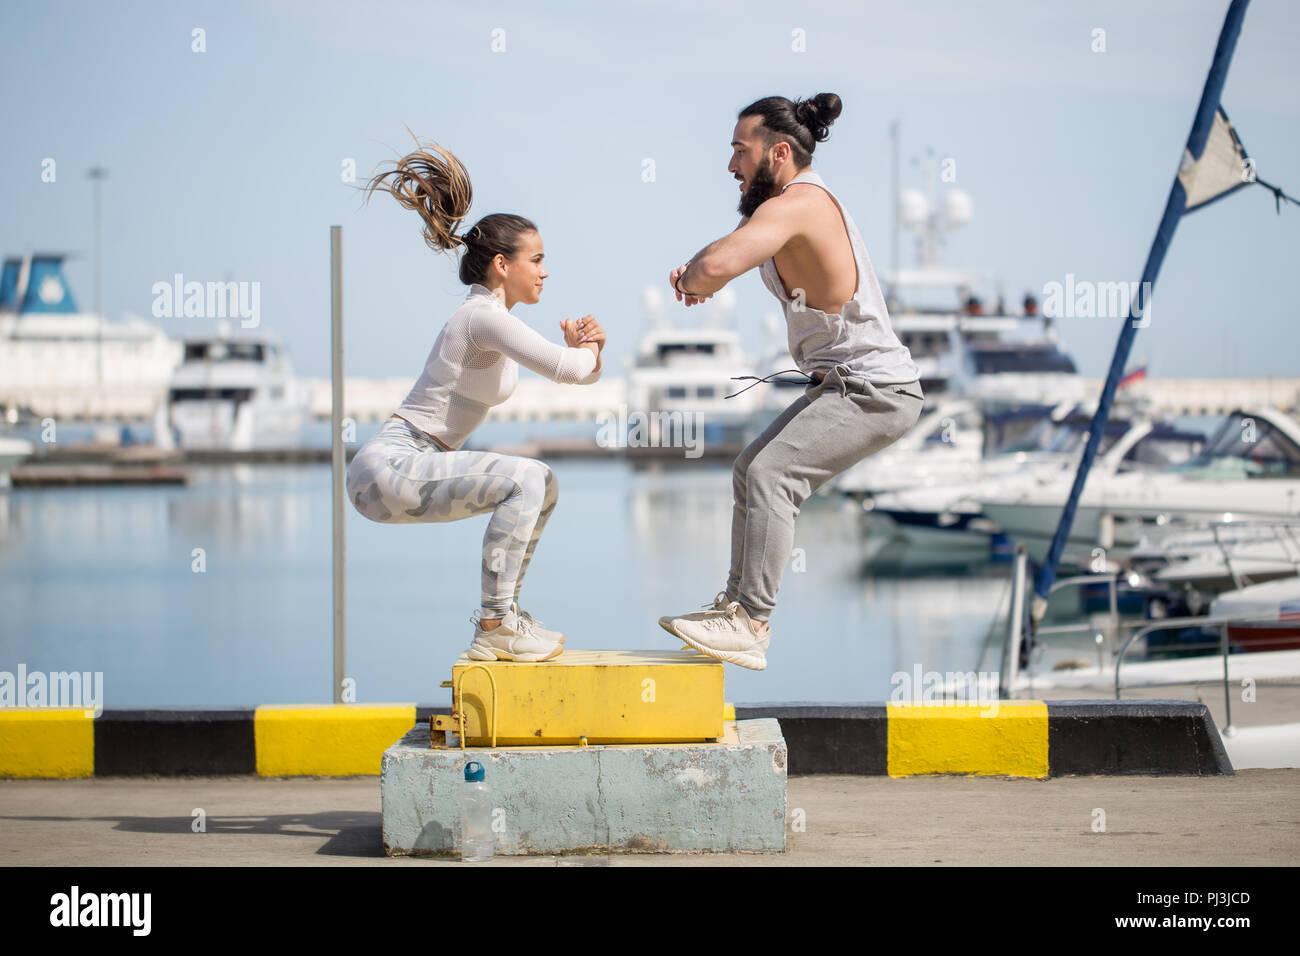 L'athlète masculin et féminin est l'exécution de sauts de l'extérieur. Banque D'Images